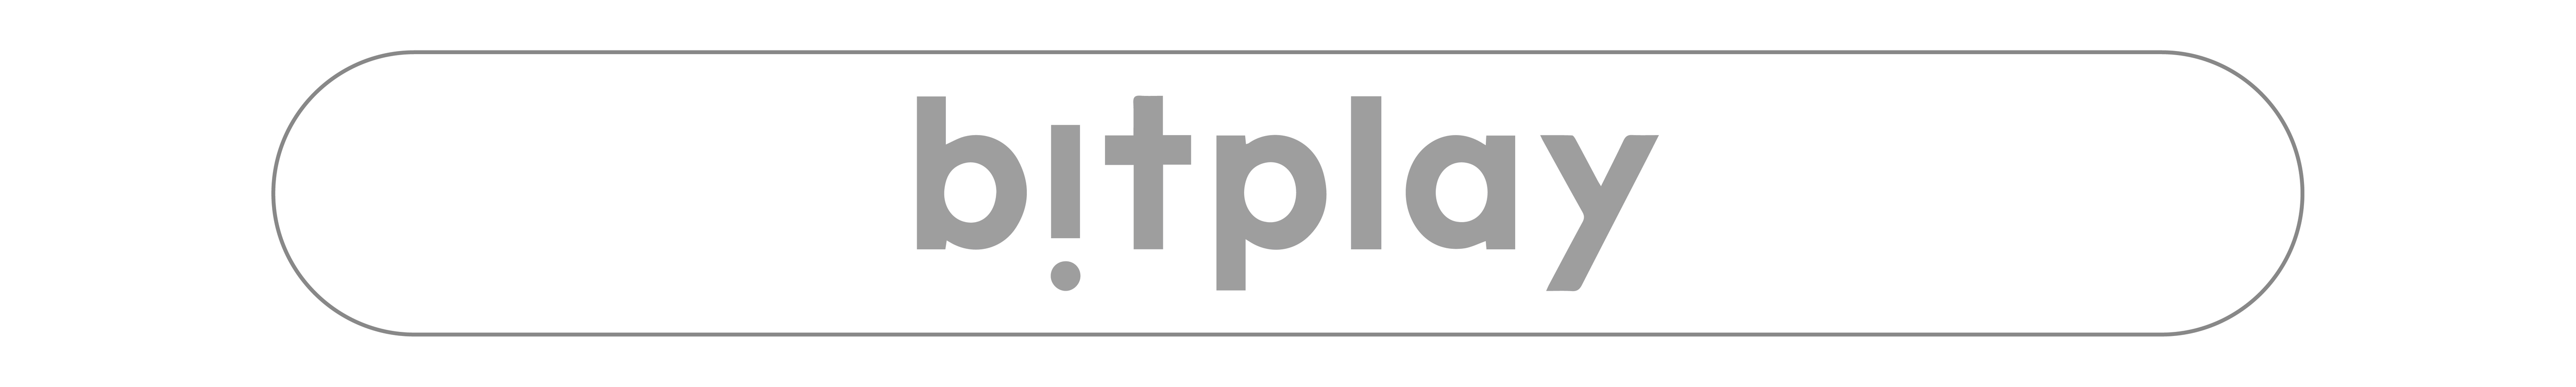 bitplay精品品牌